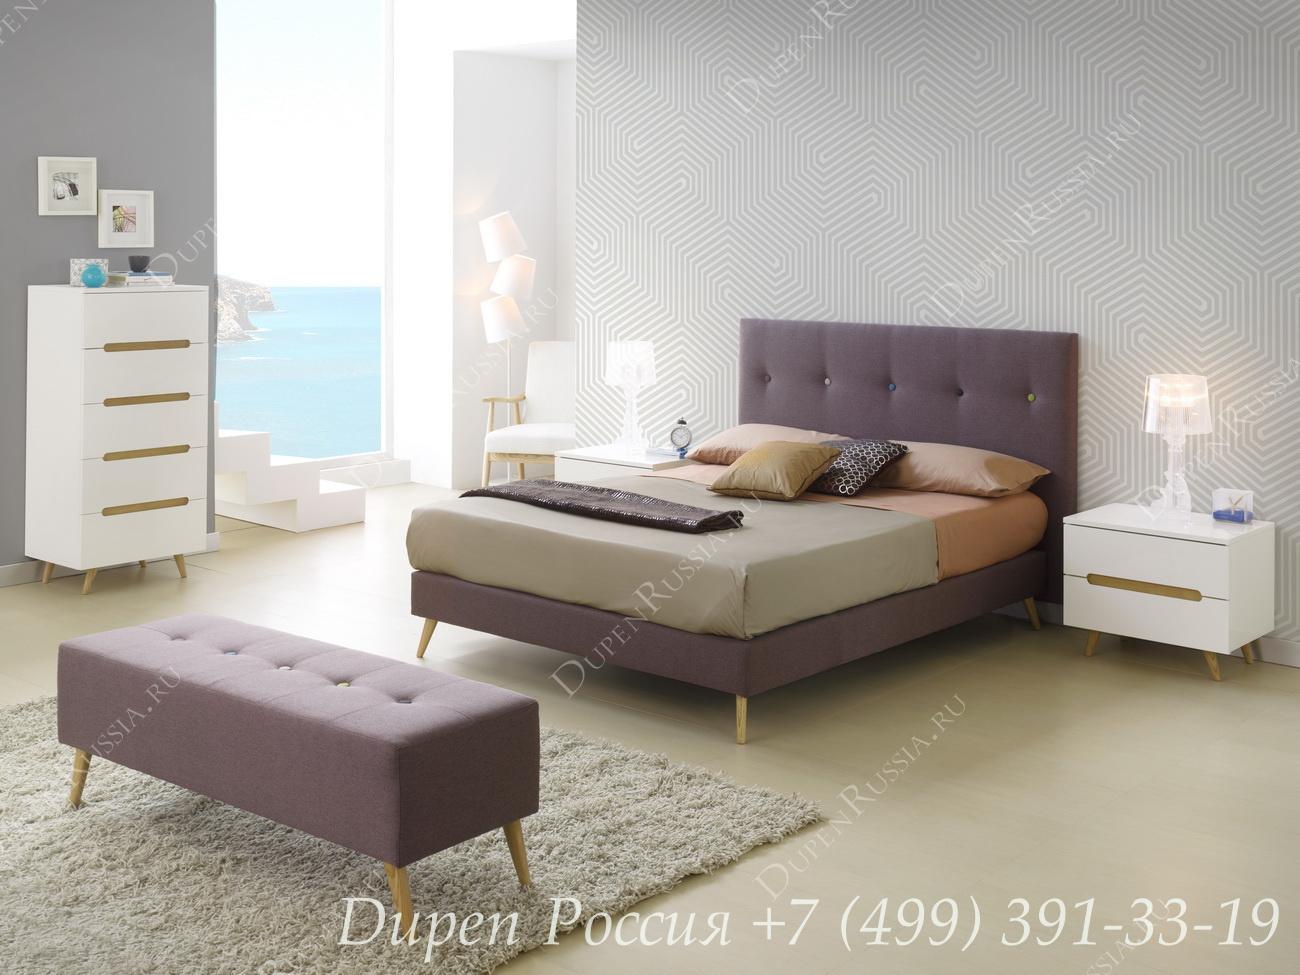 Кровать 891 LENA, комод DUPEN S-125 белый, тумбочка DUPEN M-125 белая, Банкетка DUPEN В-20